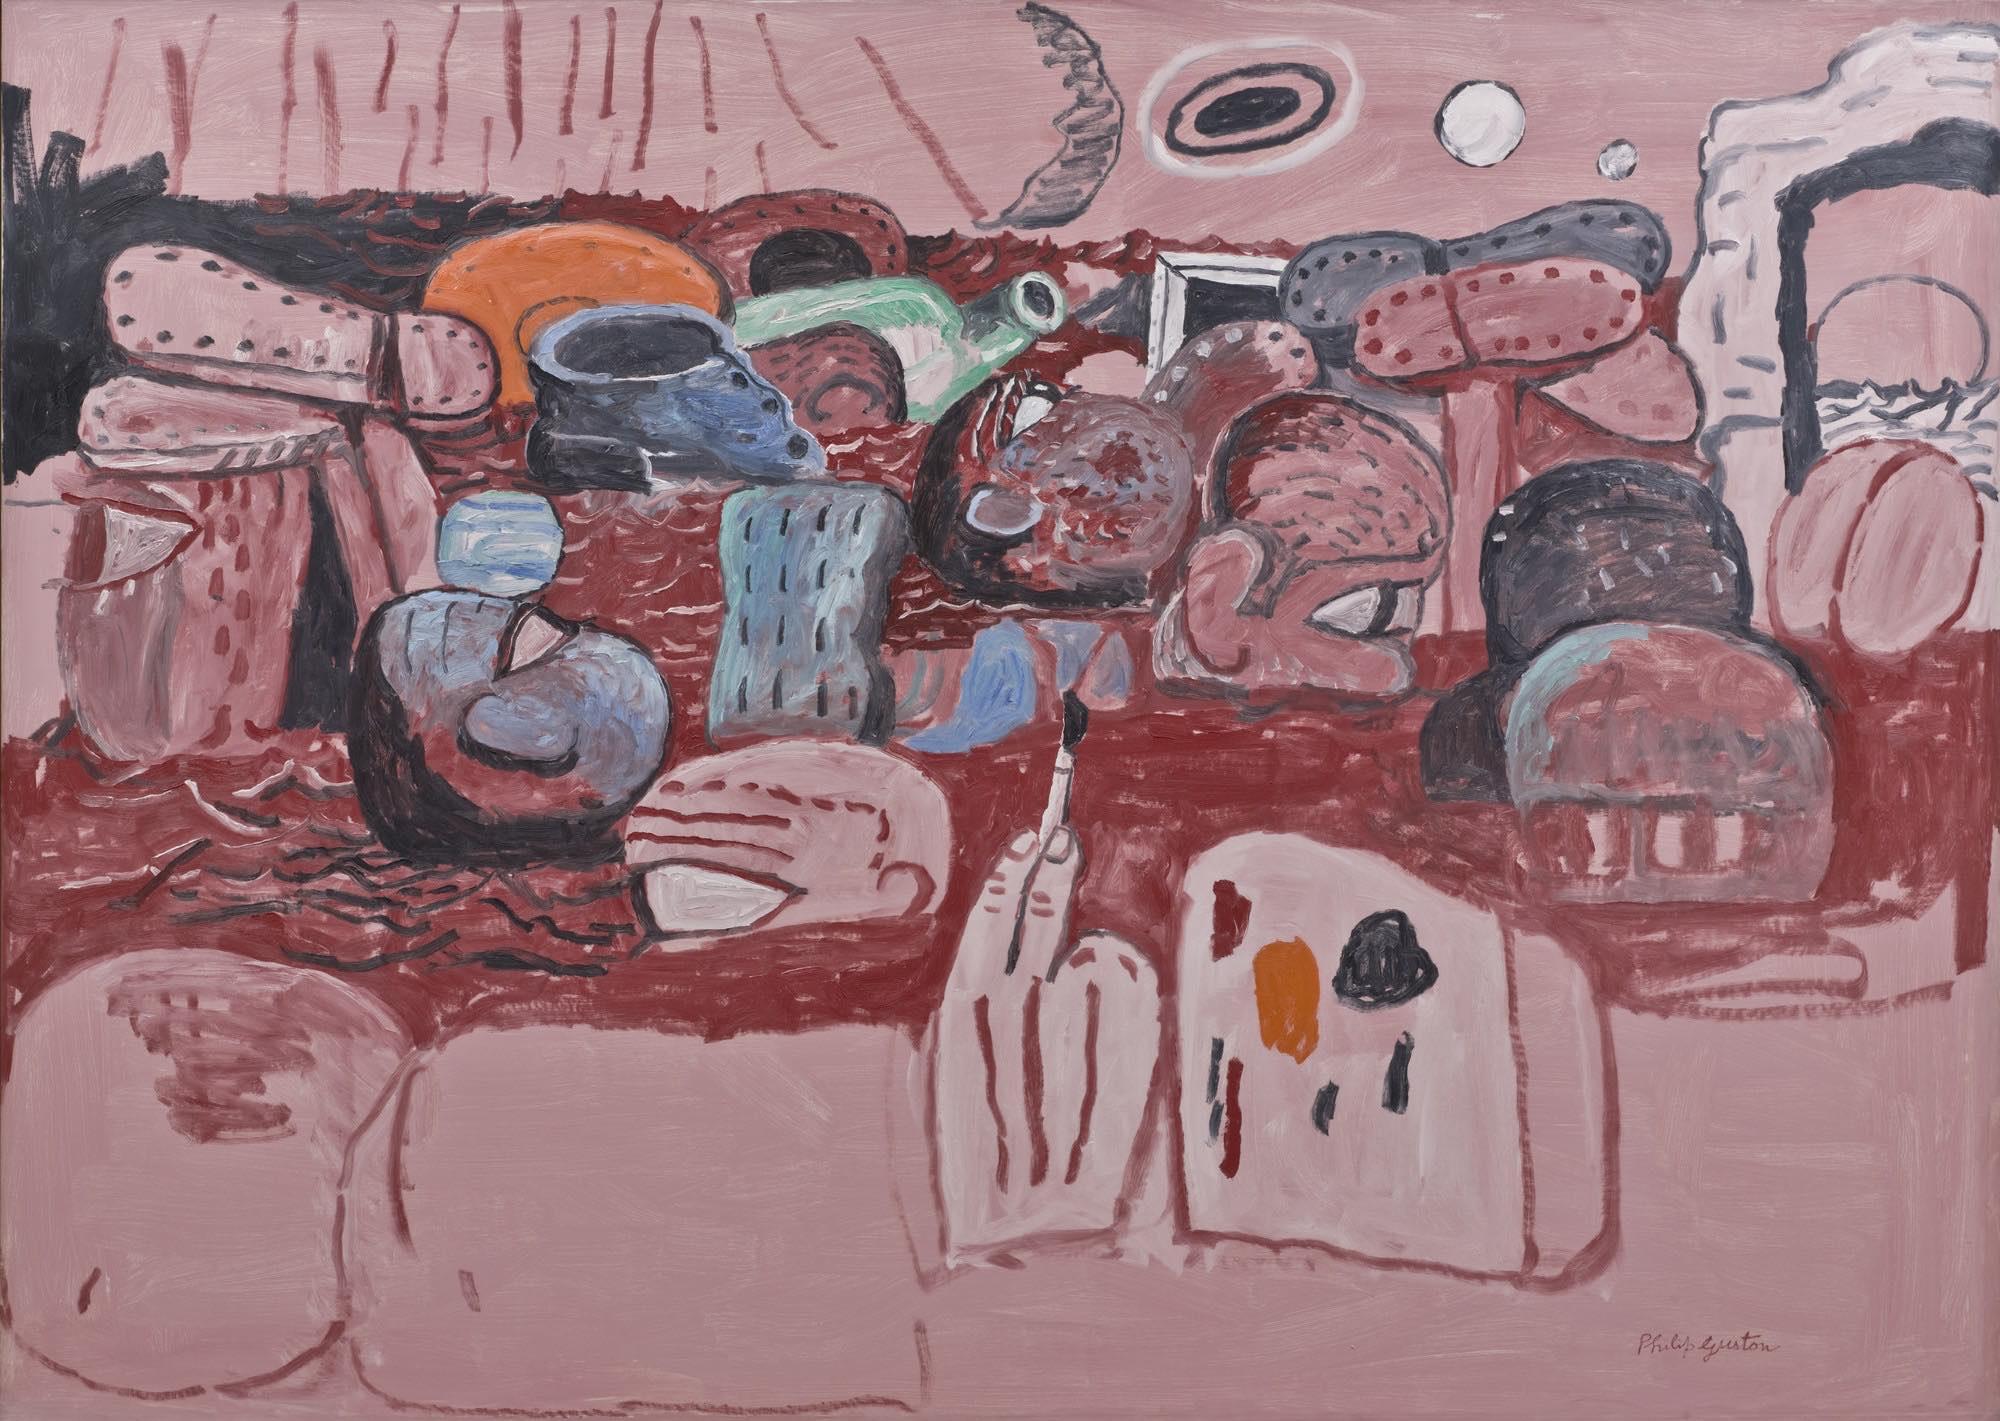 """Quando l'arte parla di resilienza: """"Deluge II"""" di Philip Guston"""